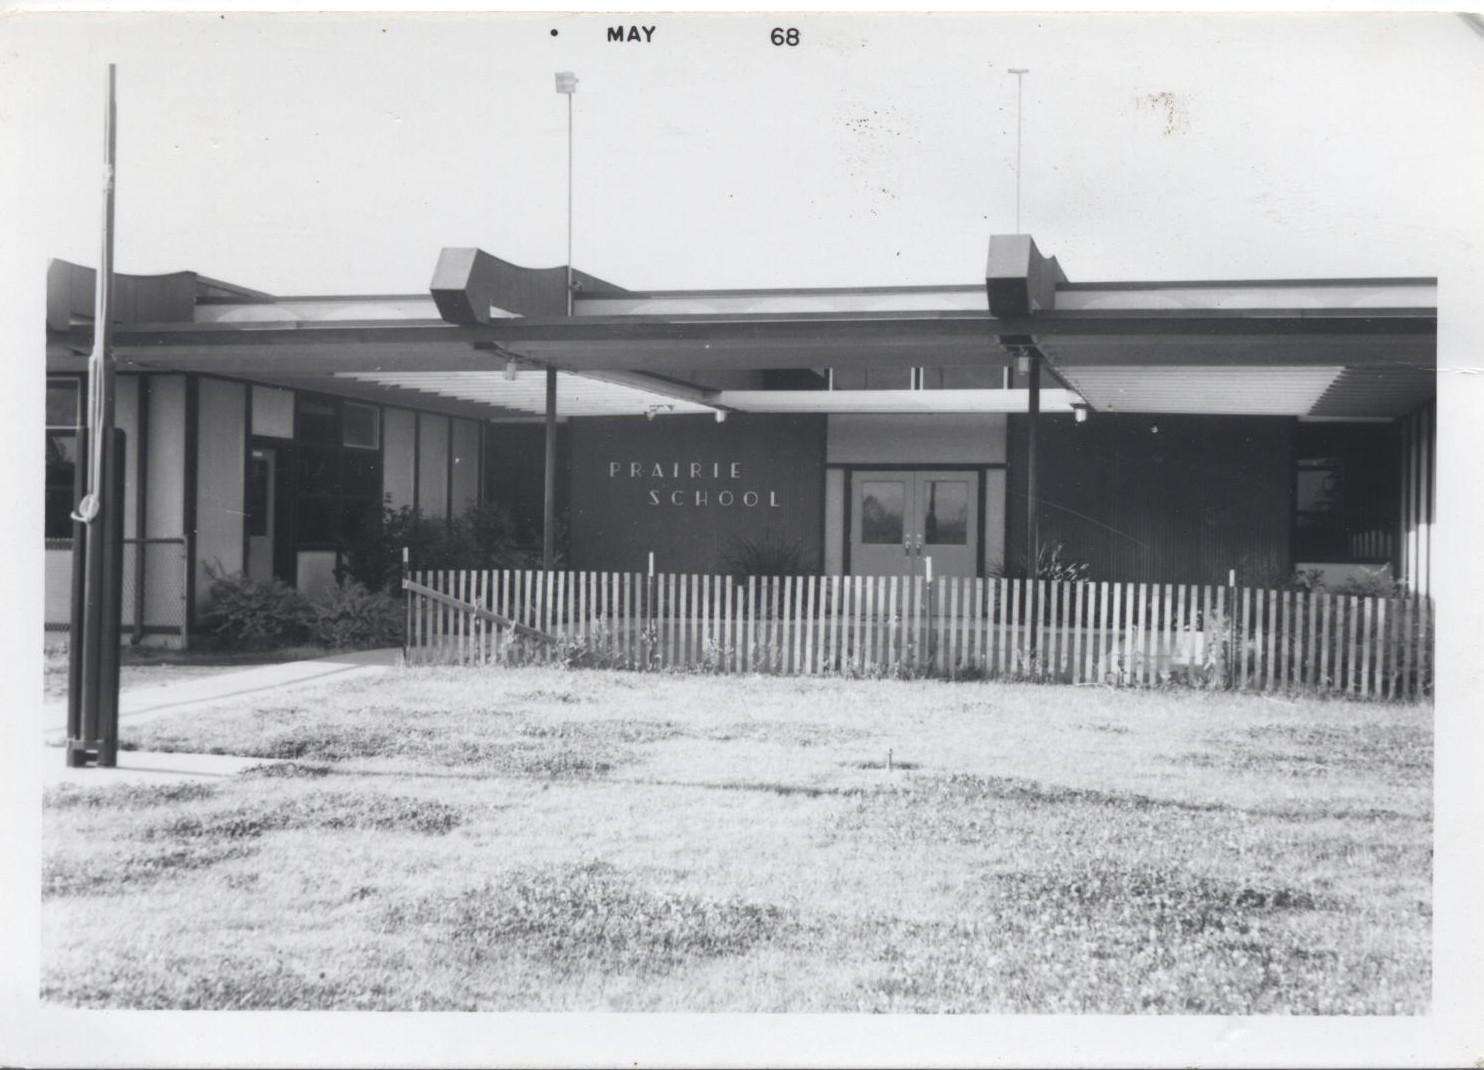 Earliest Picture of Prairie School